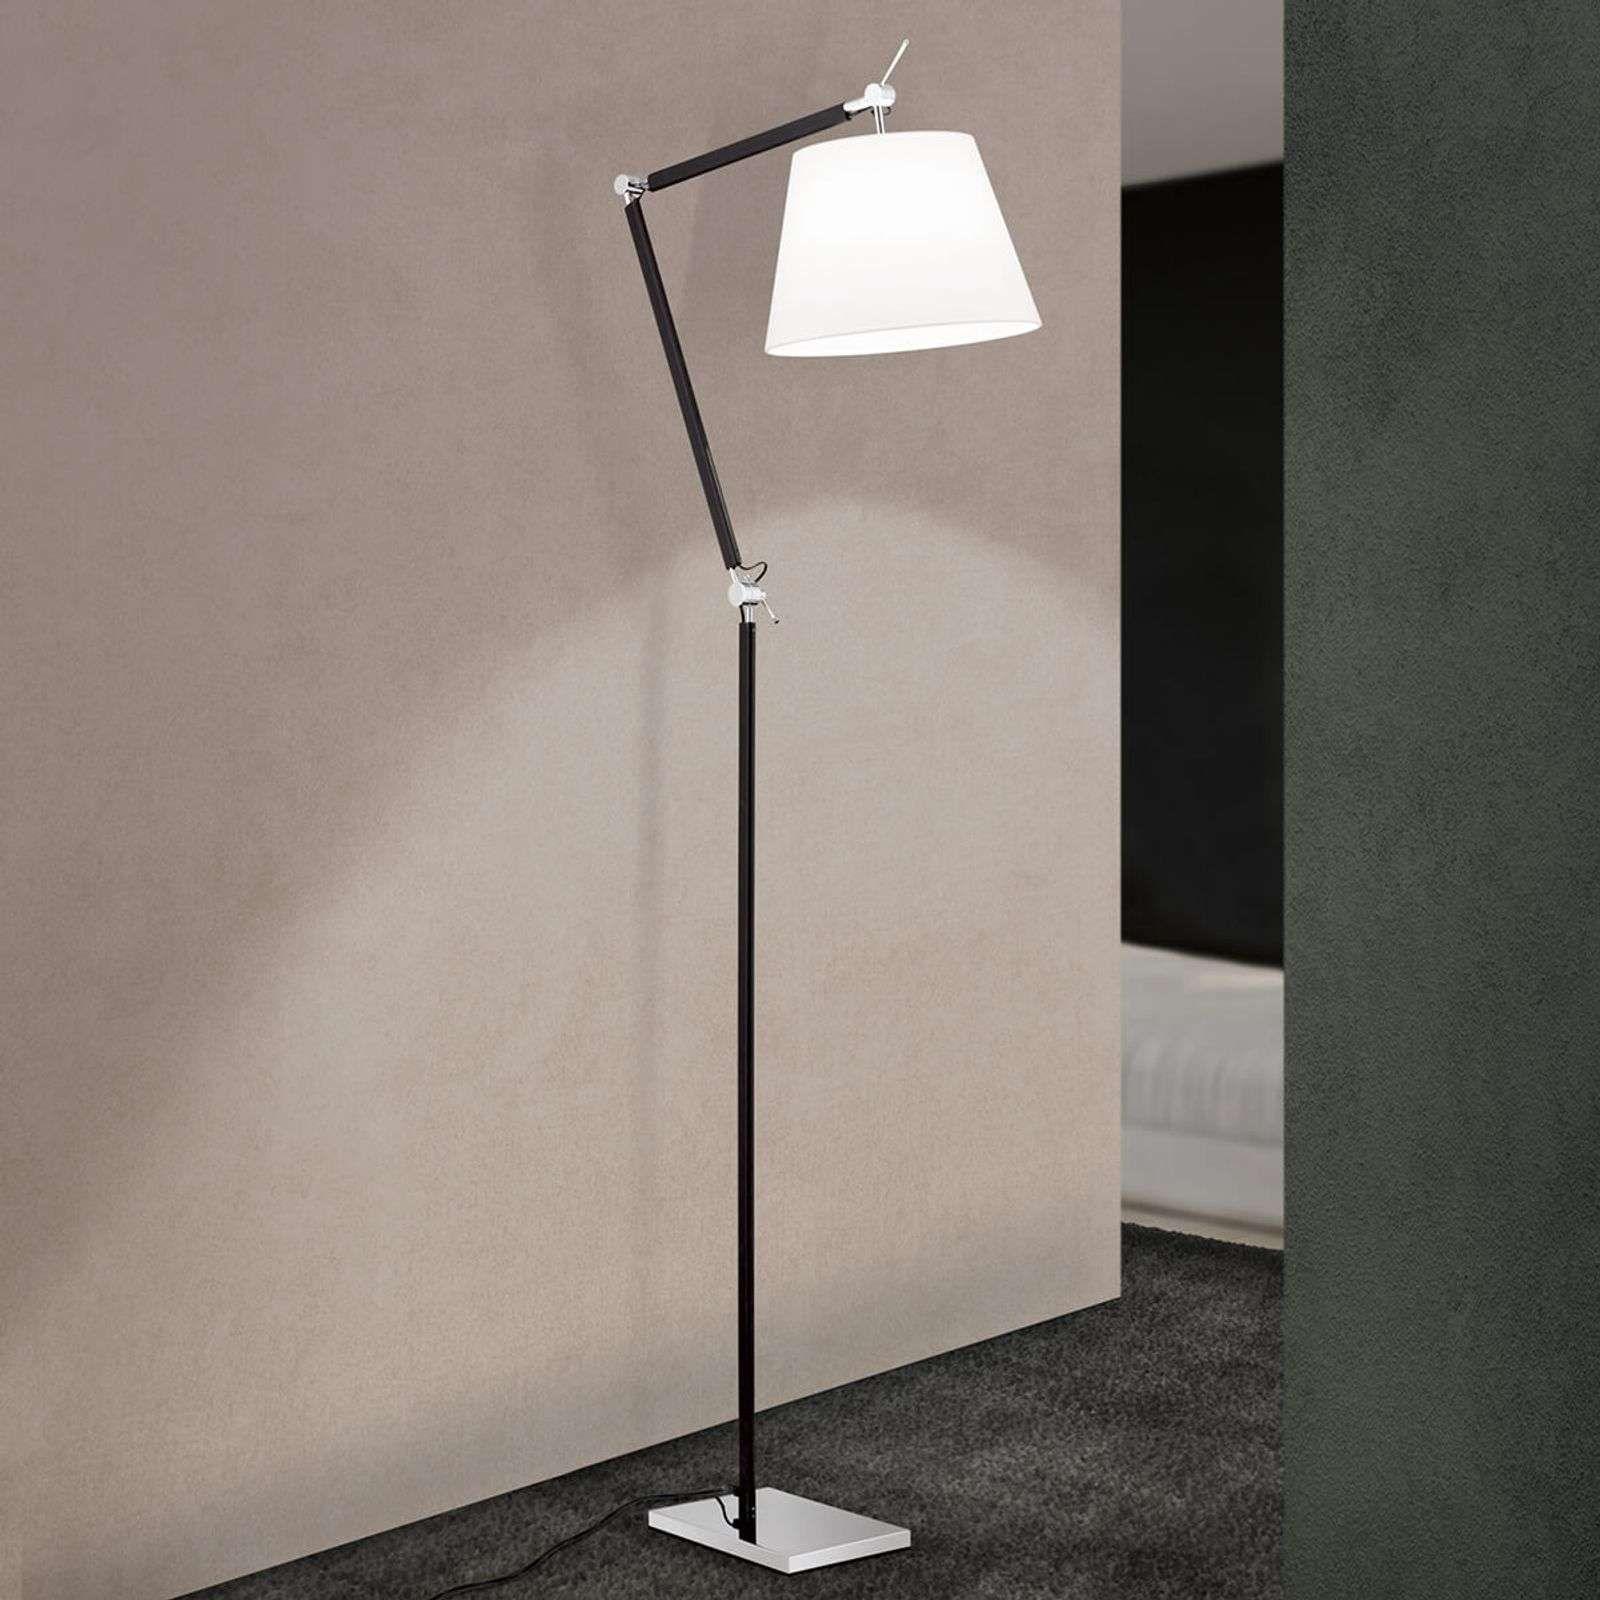 Design Verlichting Staande Lamp Leeslamp Ikea Industriele Vloerlamp Betonlook Mooie Design Vloerlampen Staande Lamp Vloerlamp Stoffen Lampenkap Lampen